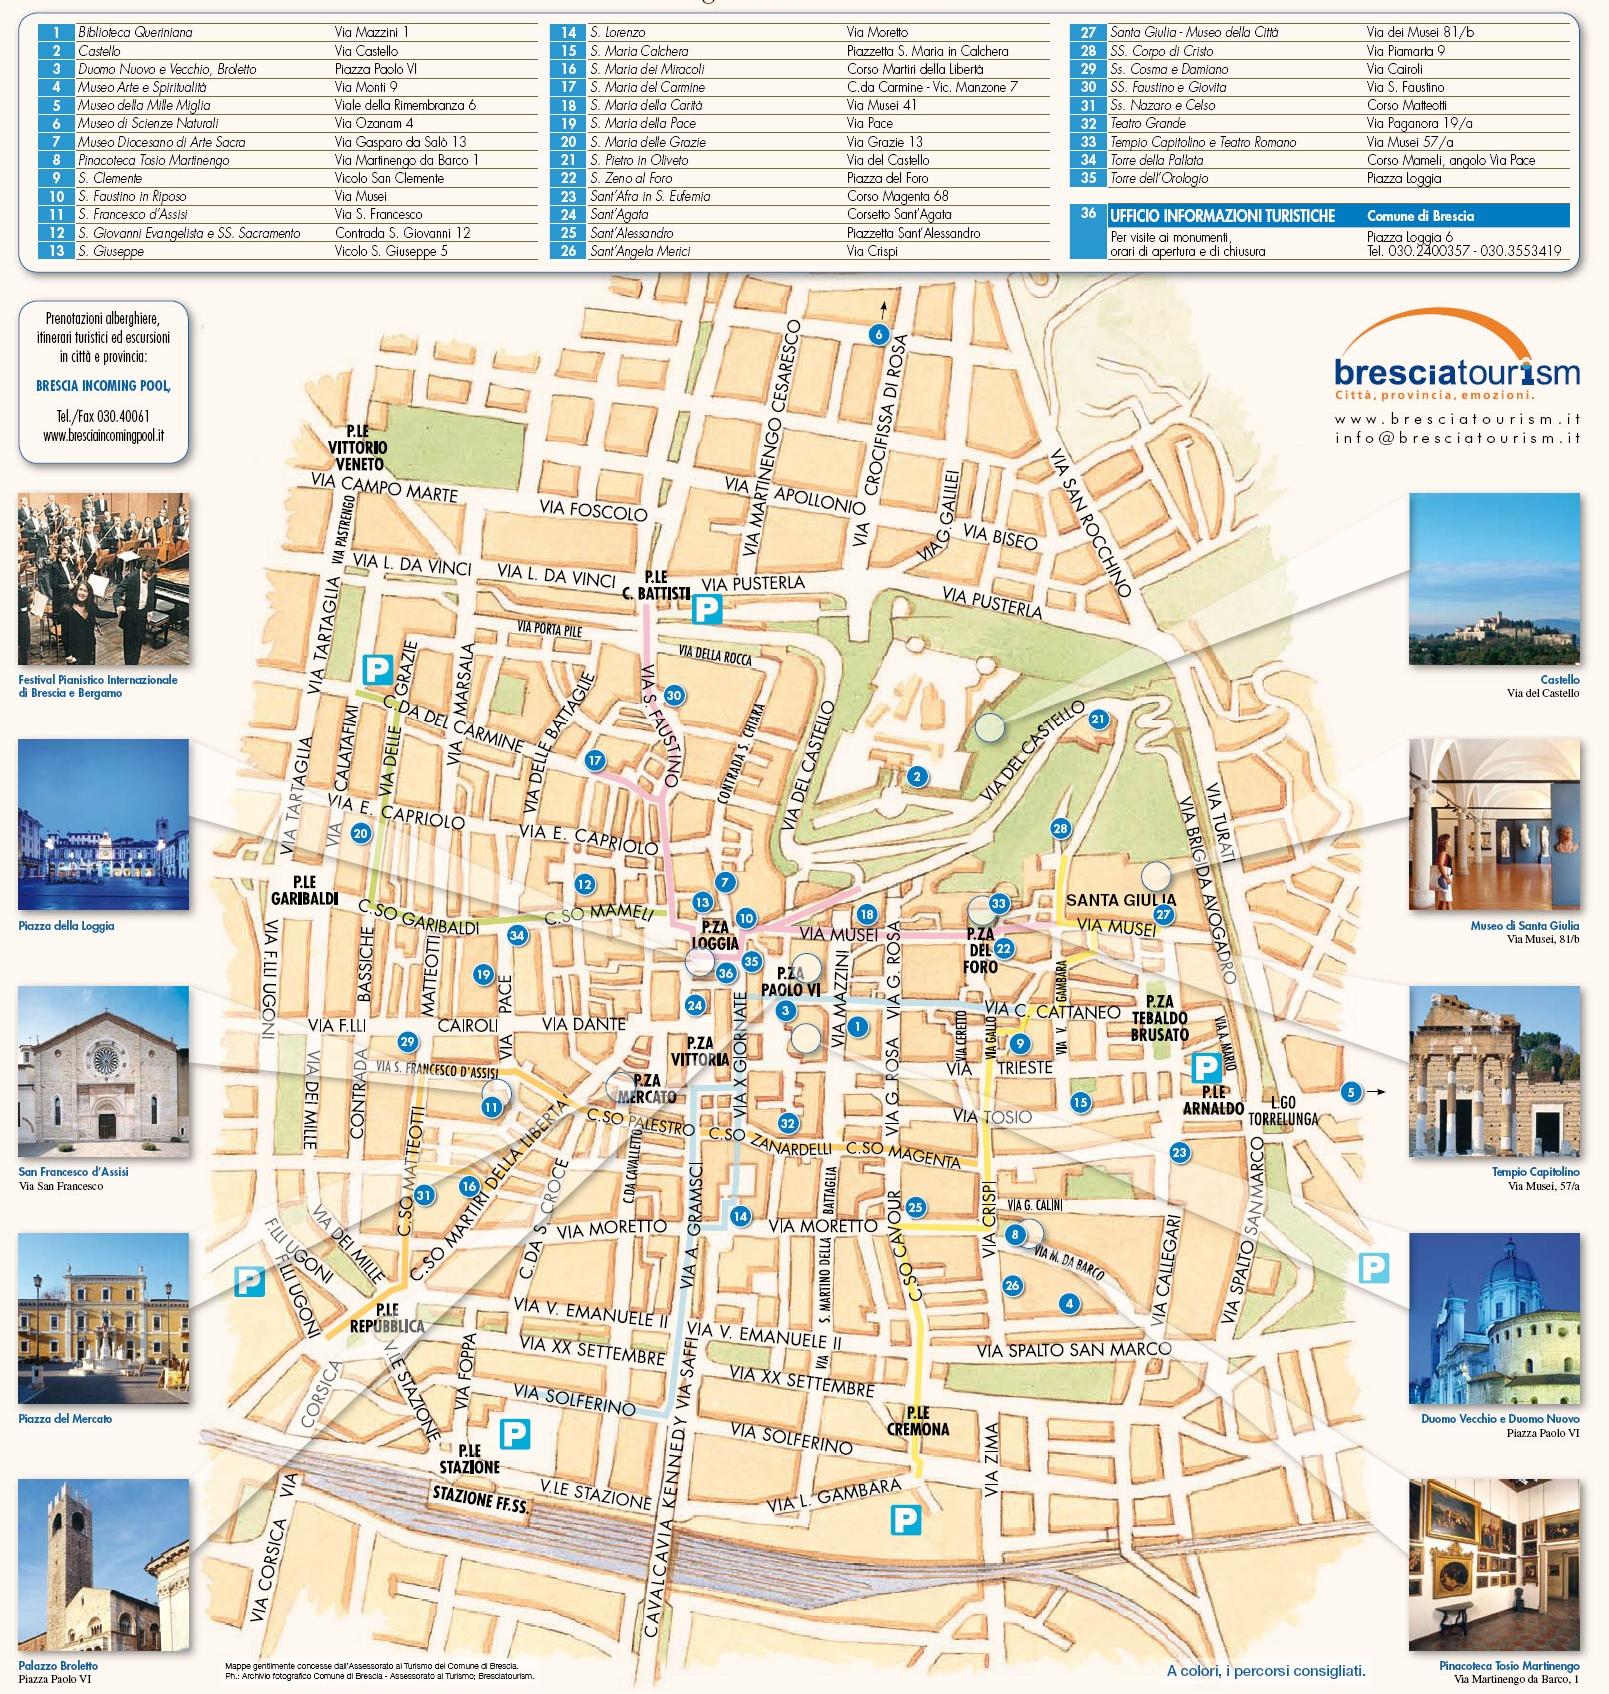 Brescia tourist attractions map